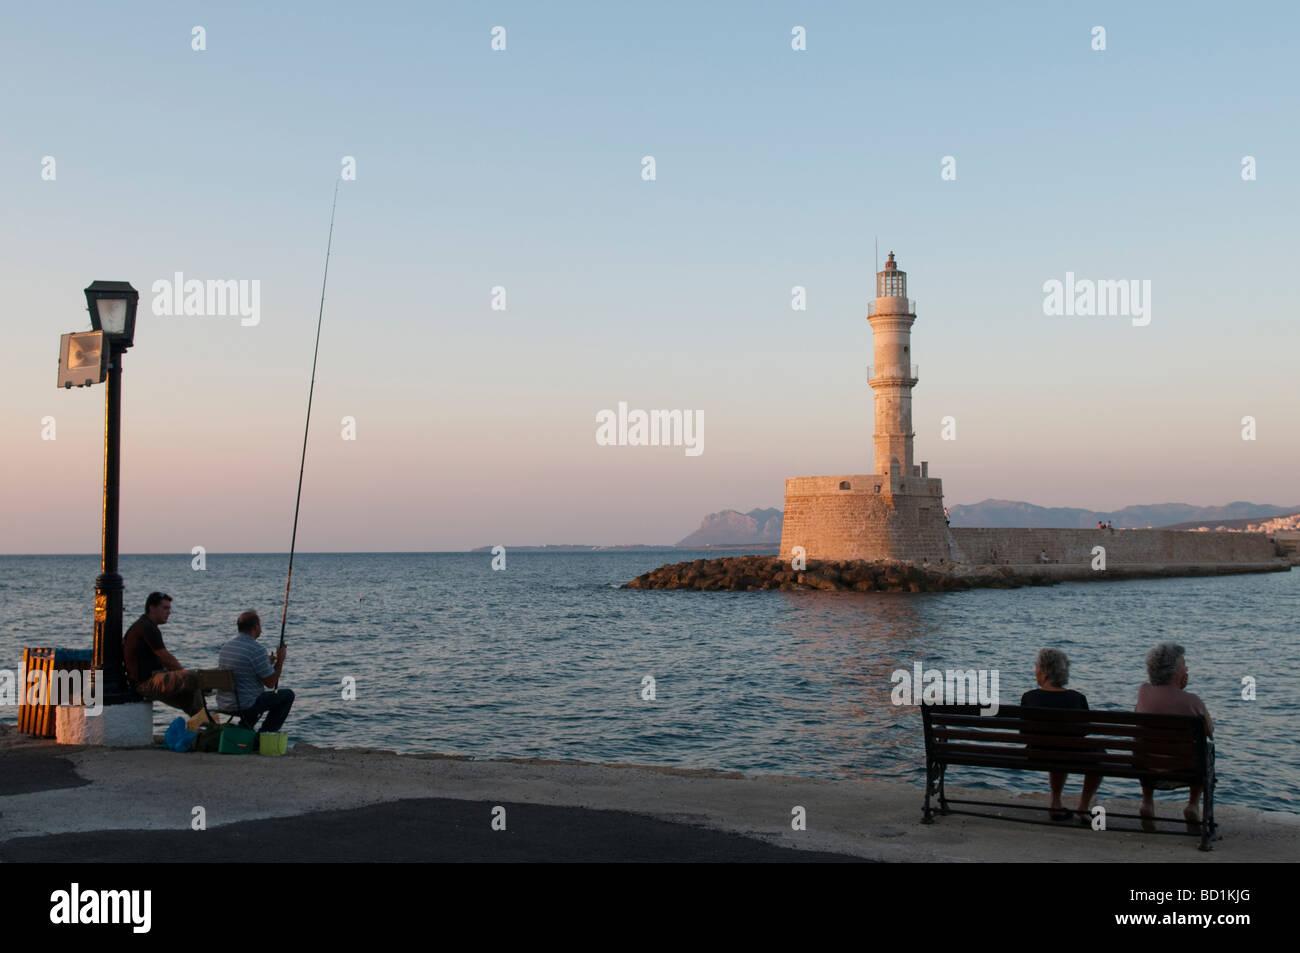 Pesca sportiva nel porto veneziano al tramonto. Chania, Creta, Grecia Immagini Stock